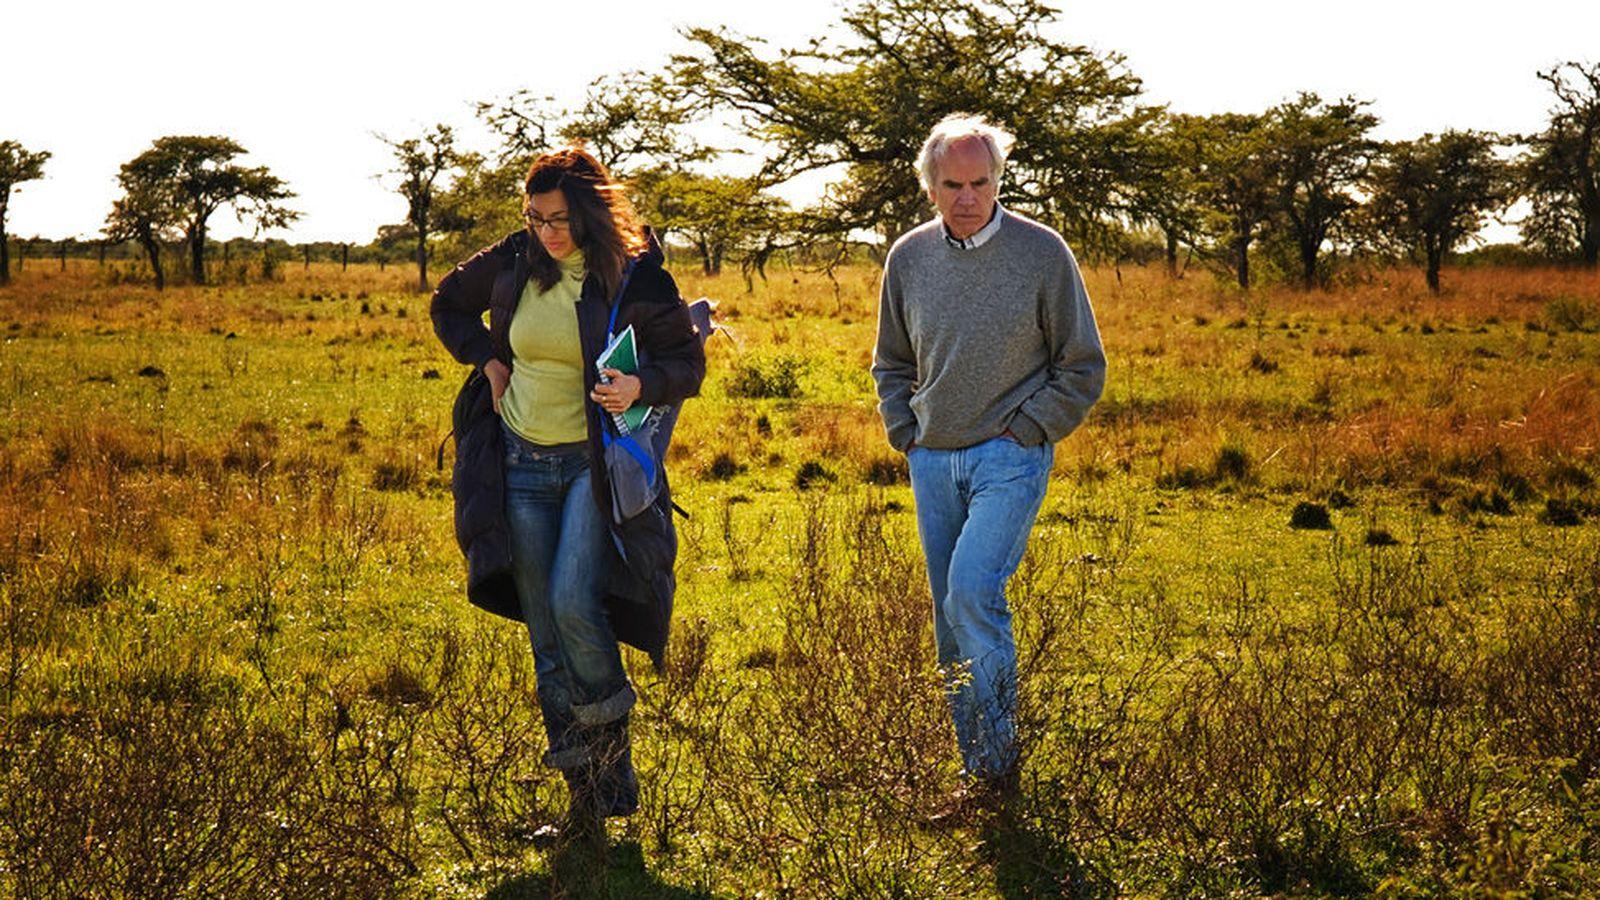 Foto: Imagen del encuentro con Douglas Tompkins, en 2007. (Sofía Moro)